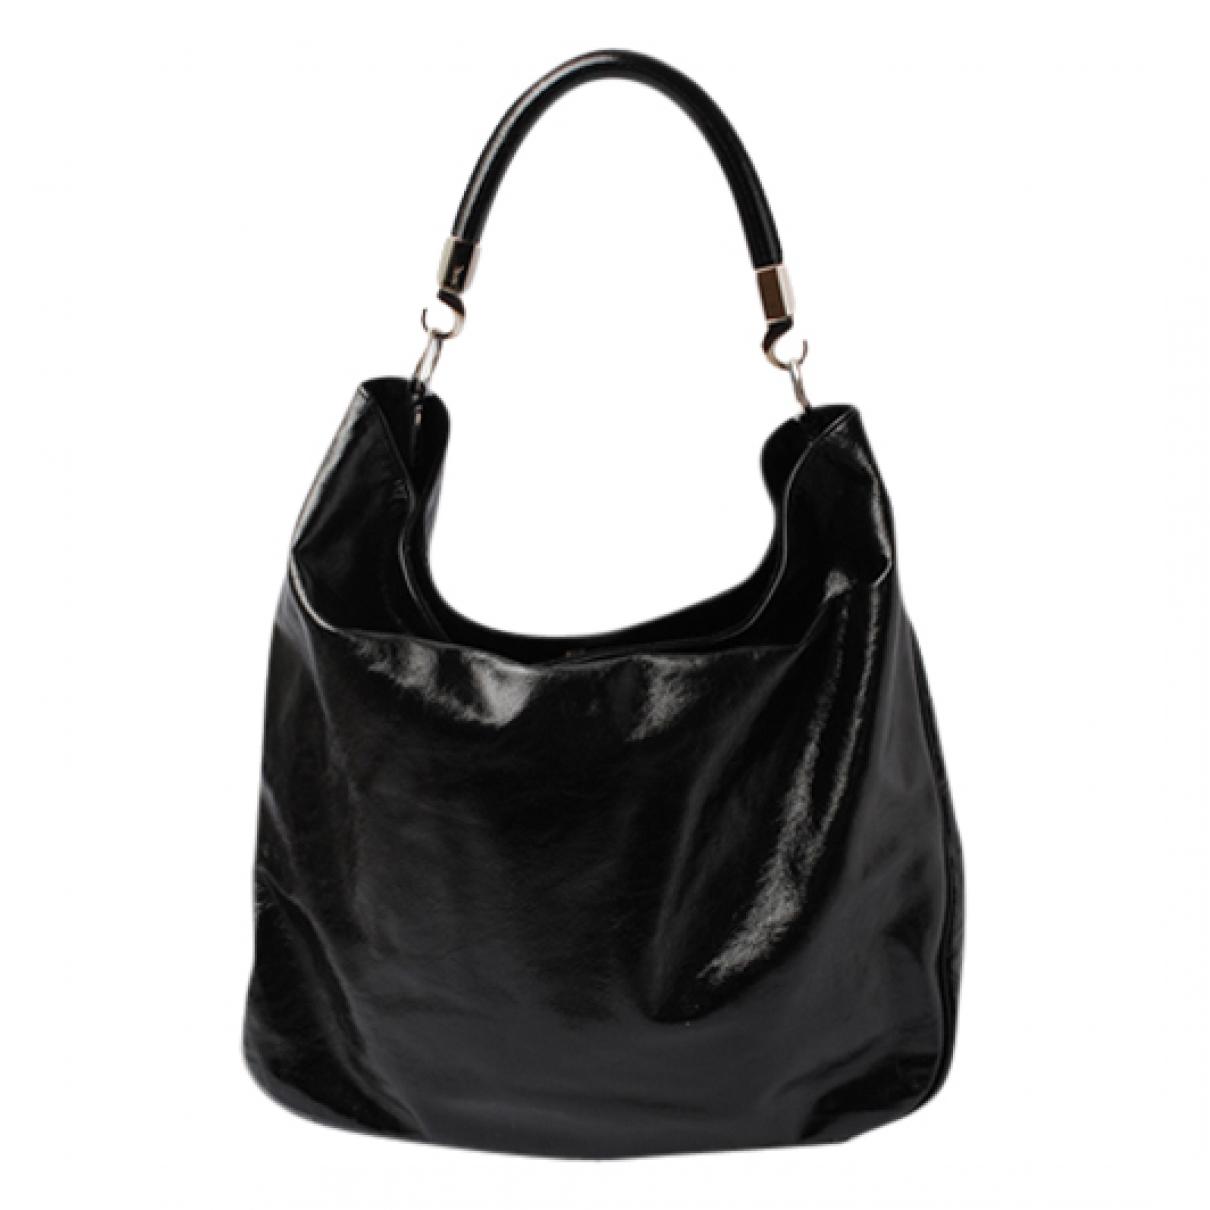 Yves Saint Laurent Roady Black Patent leather handbag for Women \N